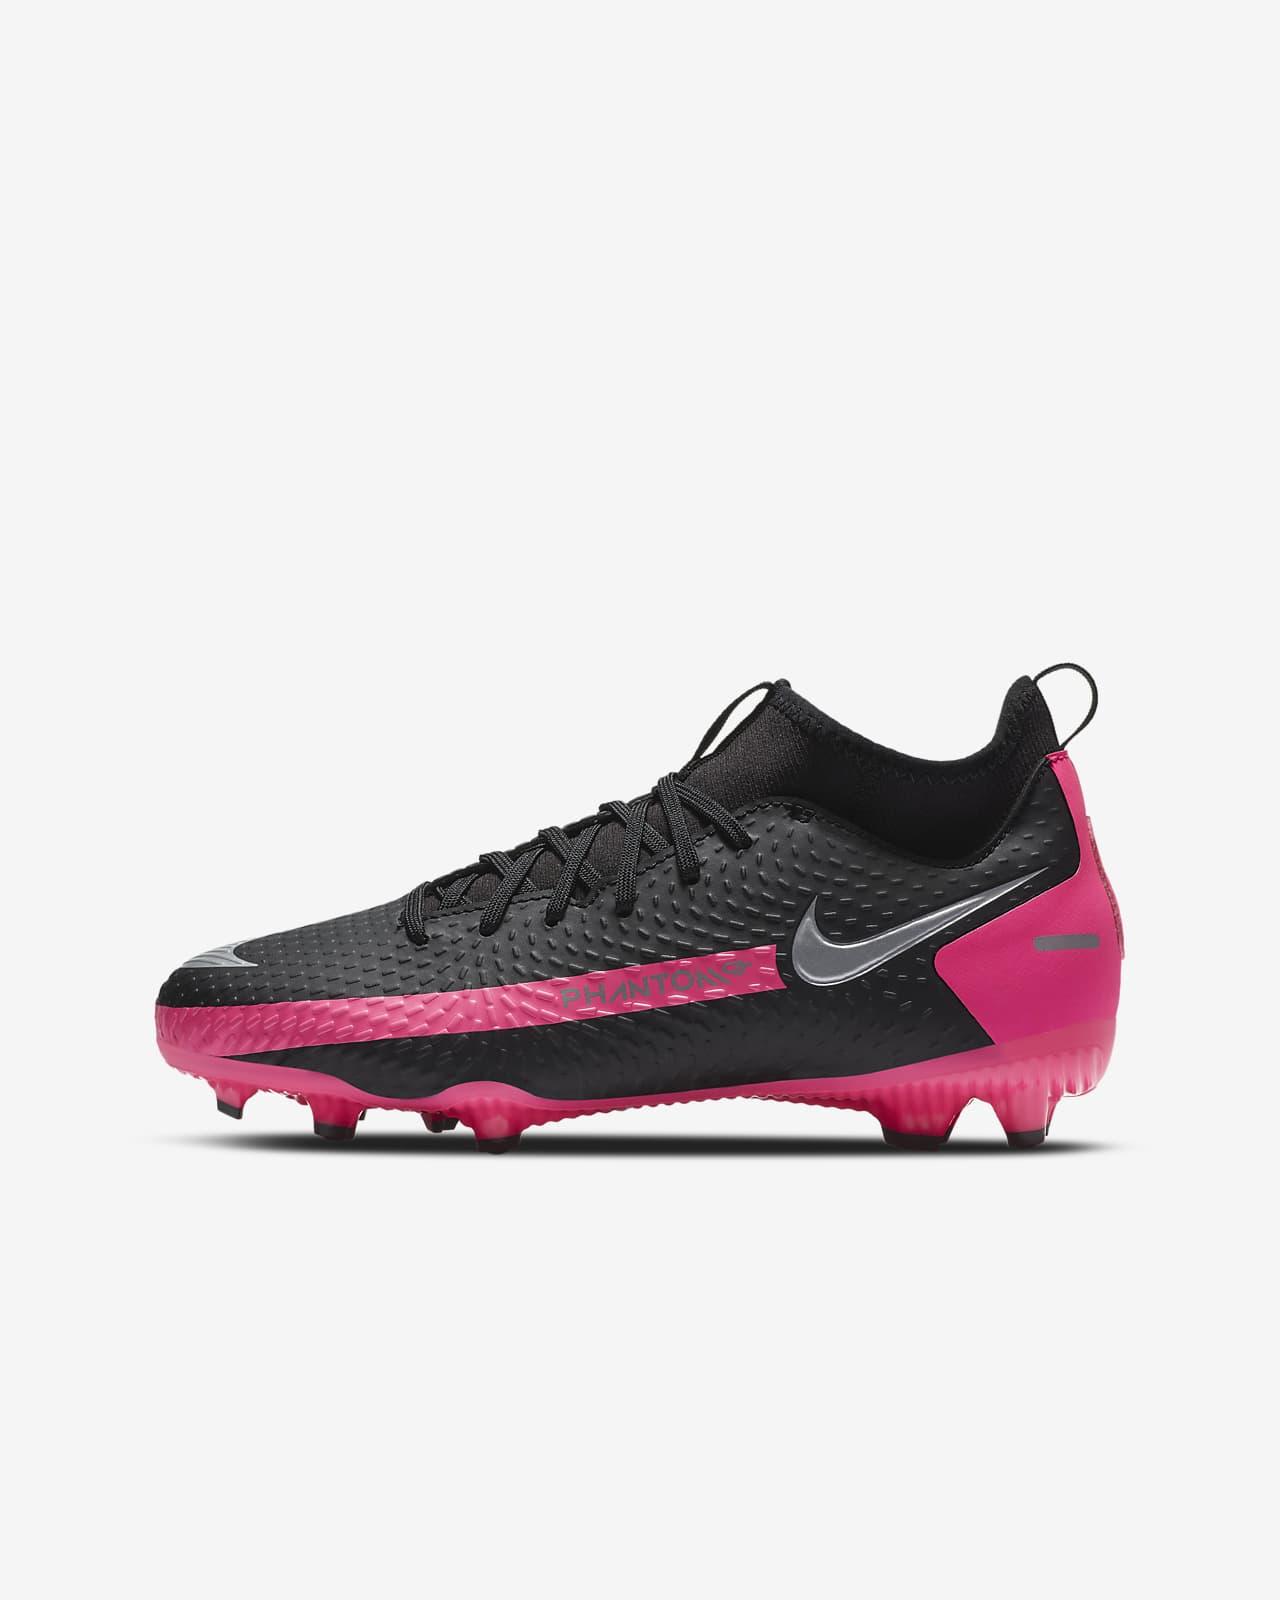 Fotbollssko för varierat underlag Nike Jr. Phantom GT Academy Dynamic Fit MG för barn/ungdom